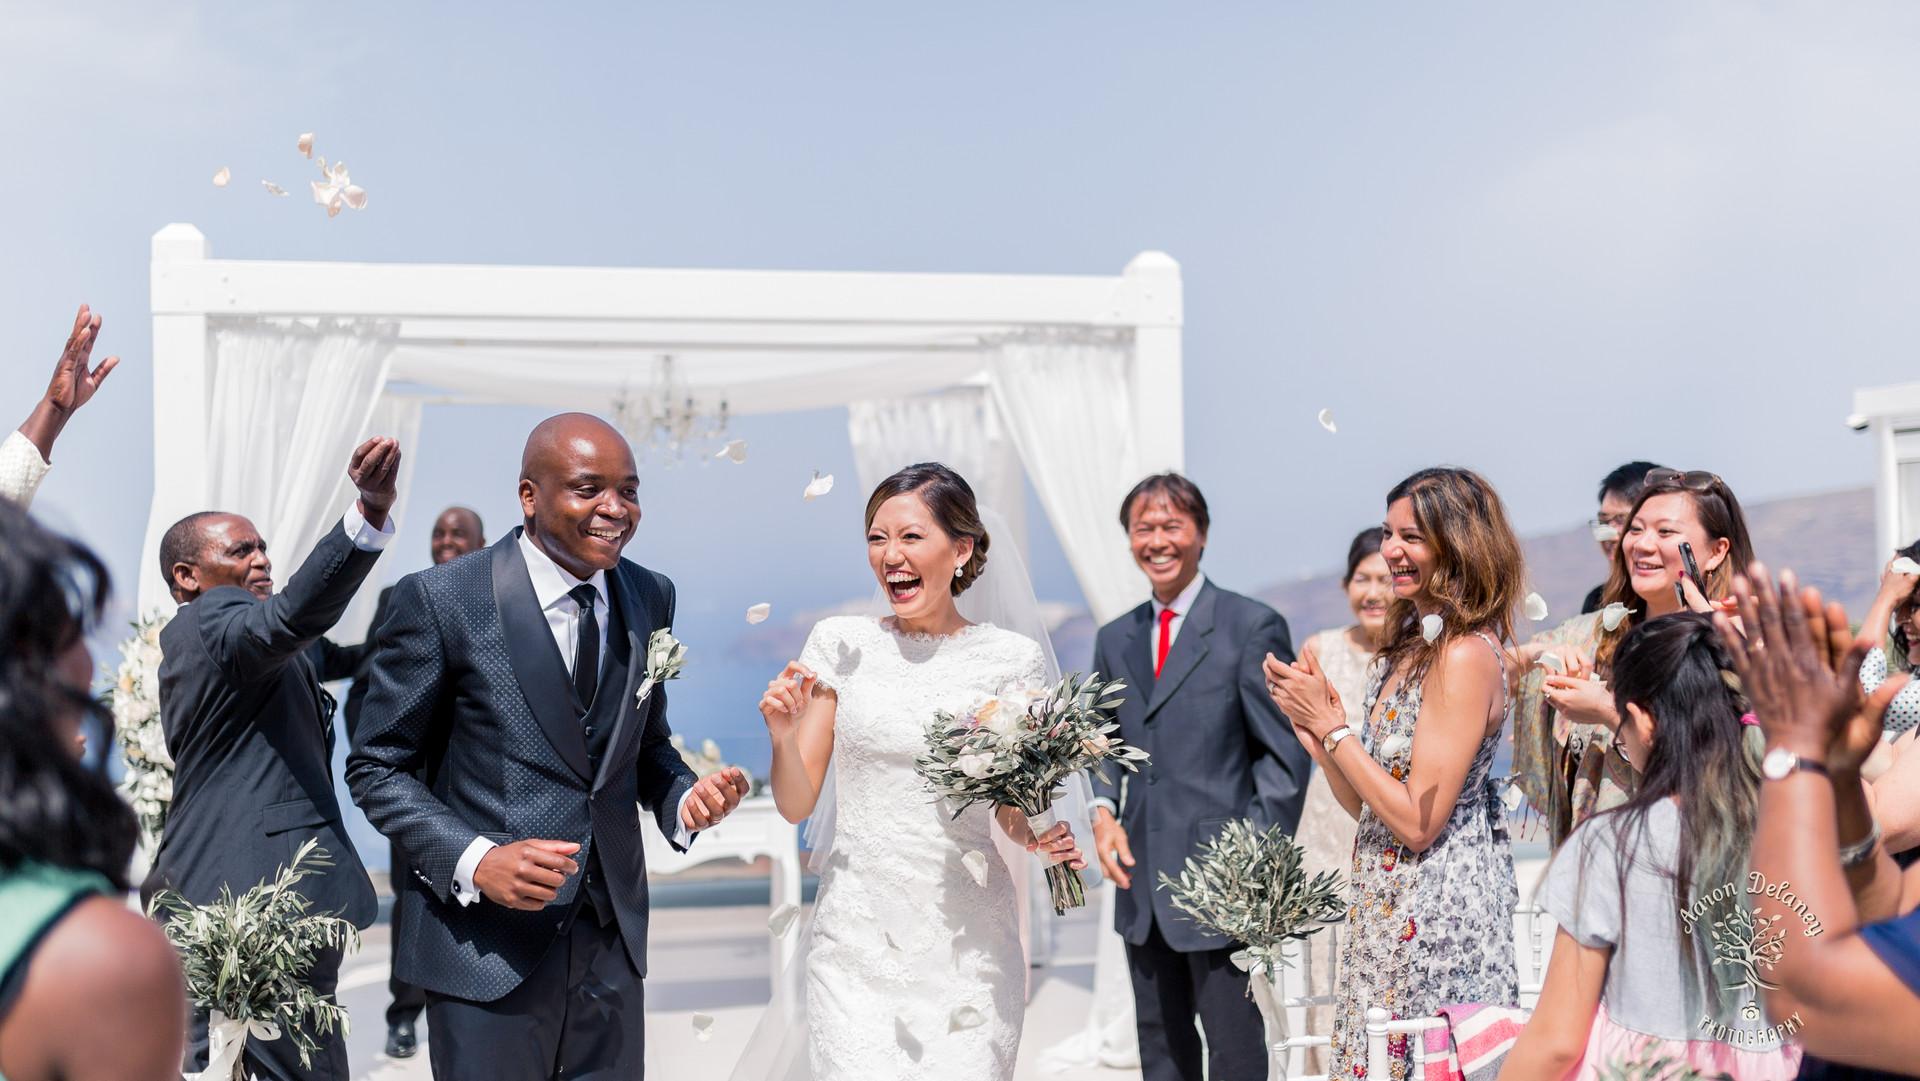 santoini wedding le ciel photographer